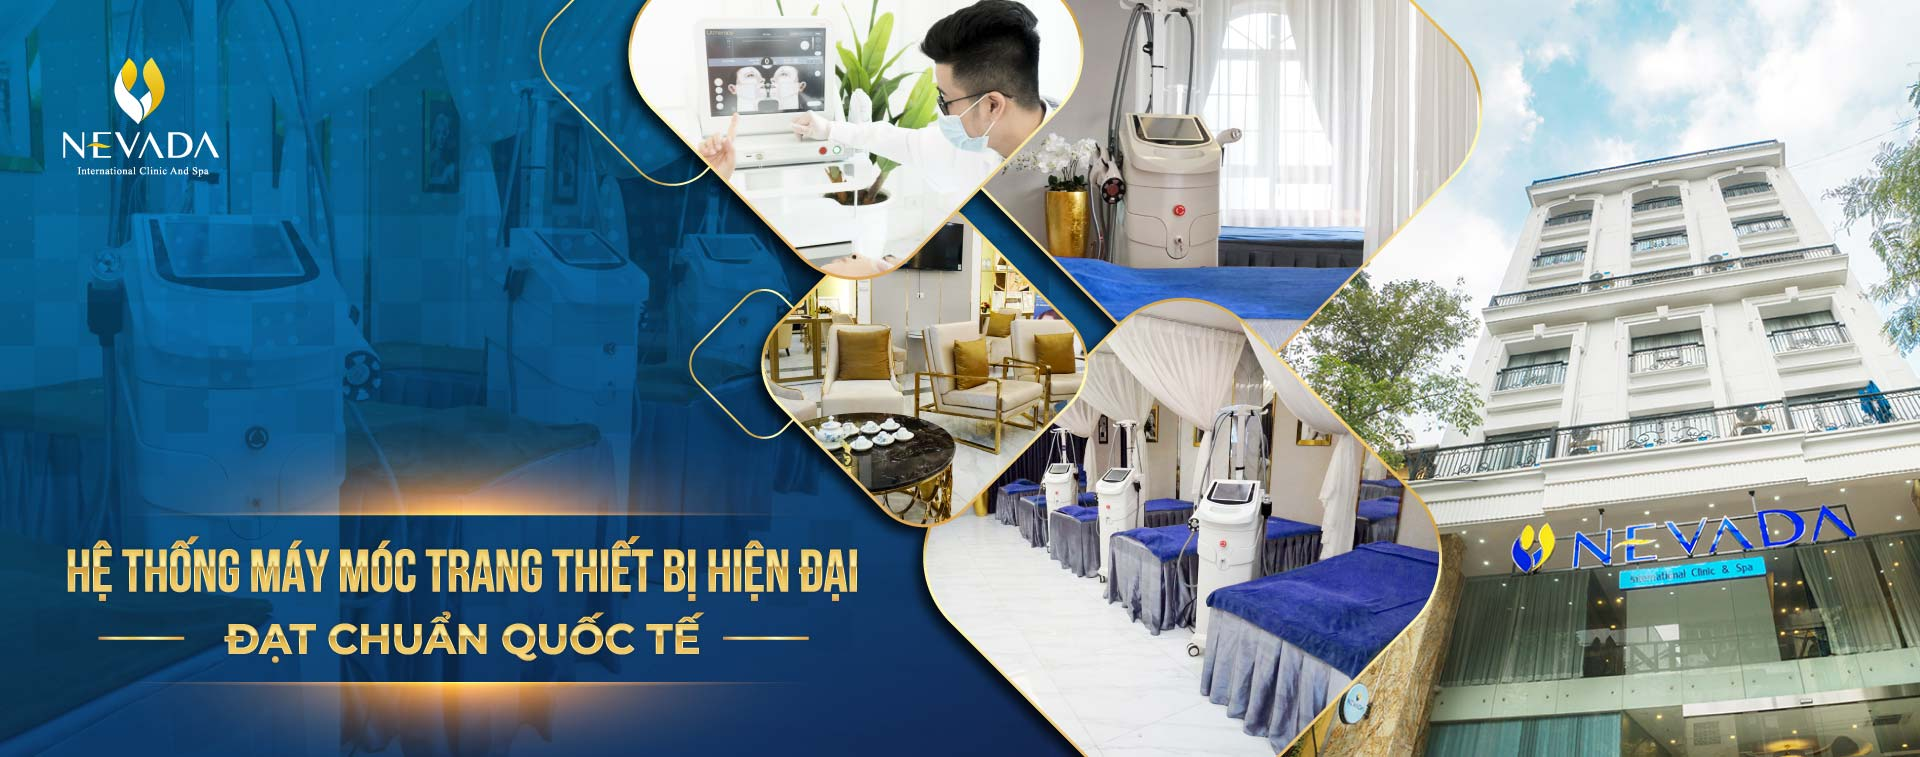 Địa chỉ vàng làm đẹp được sao Việt lựa chọn